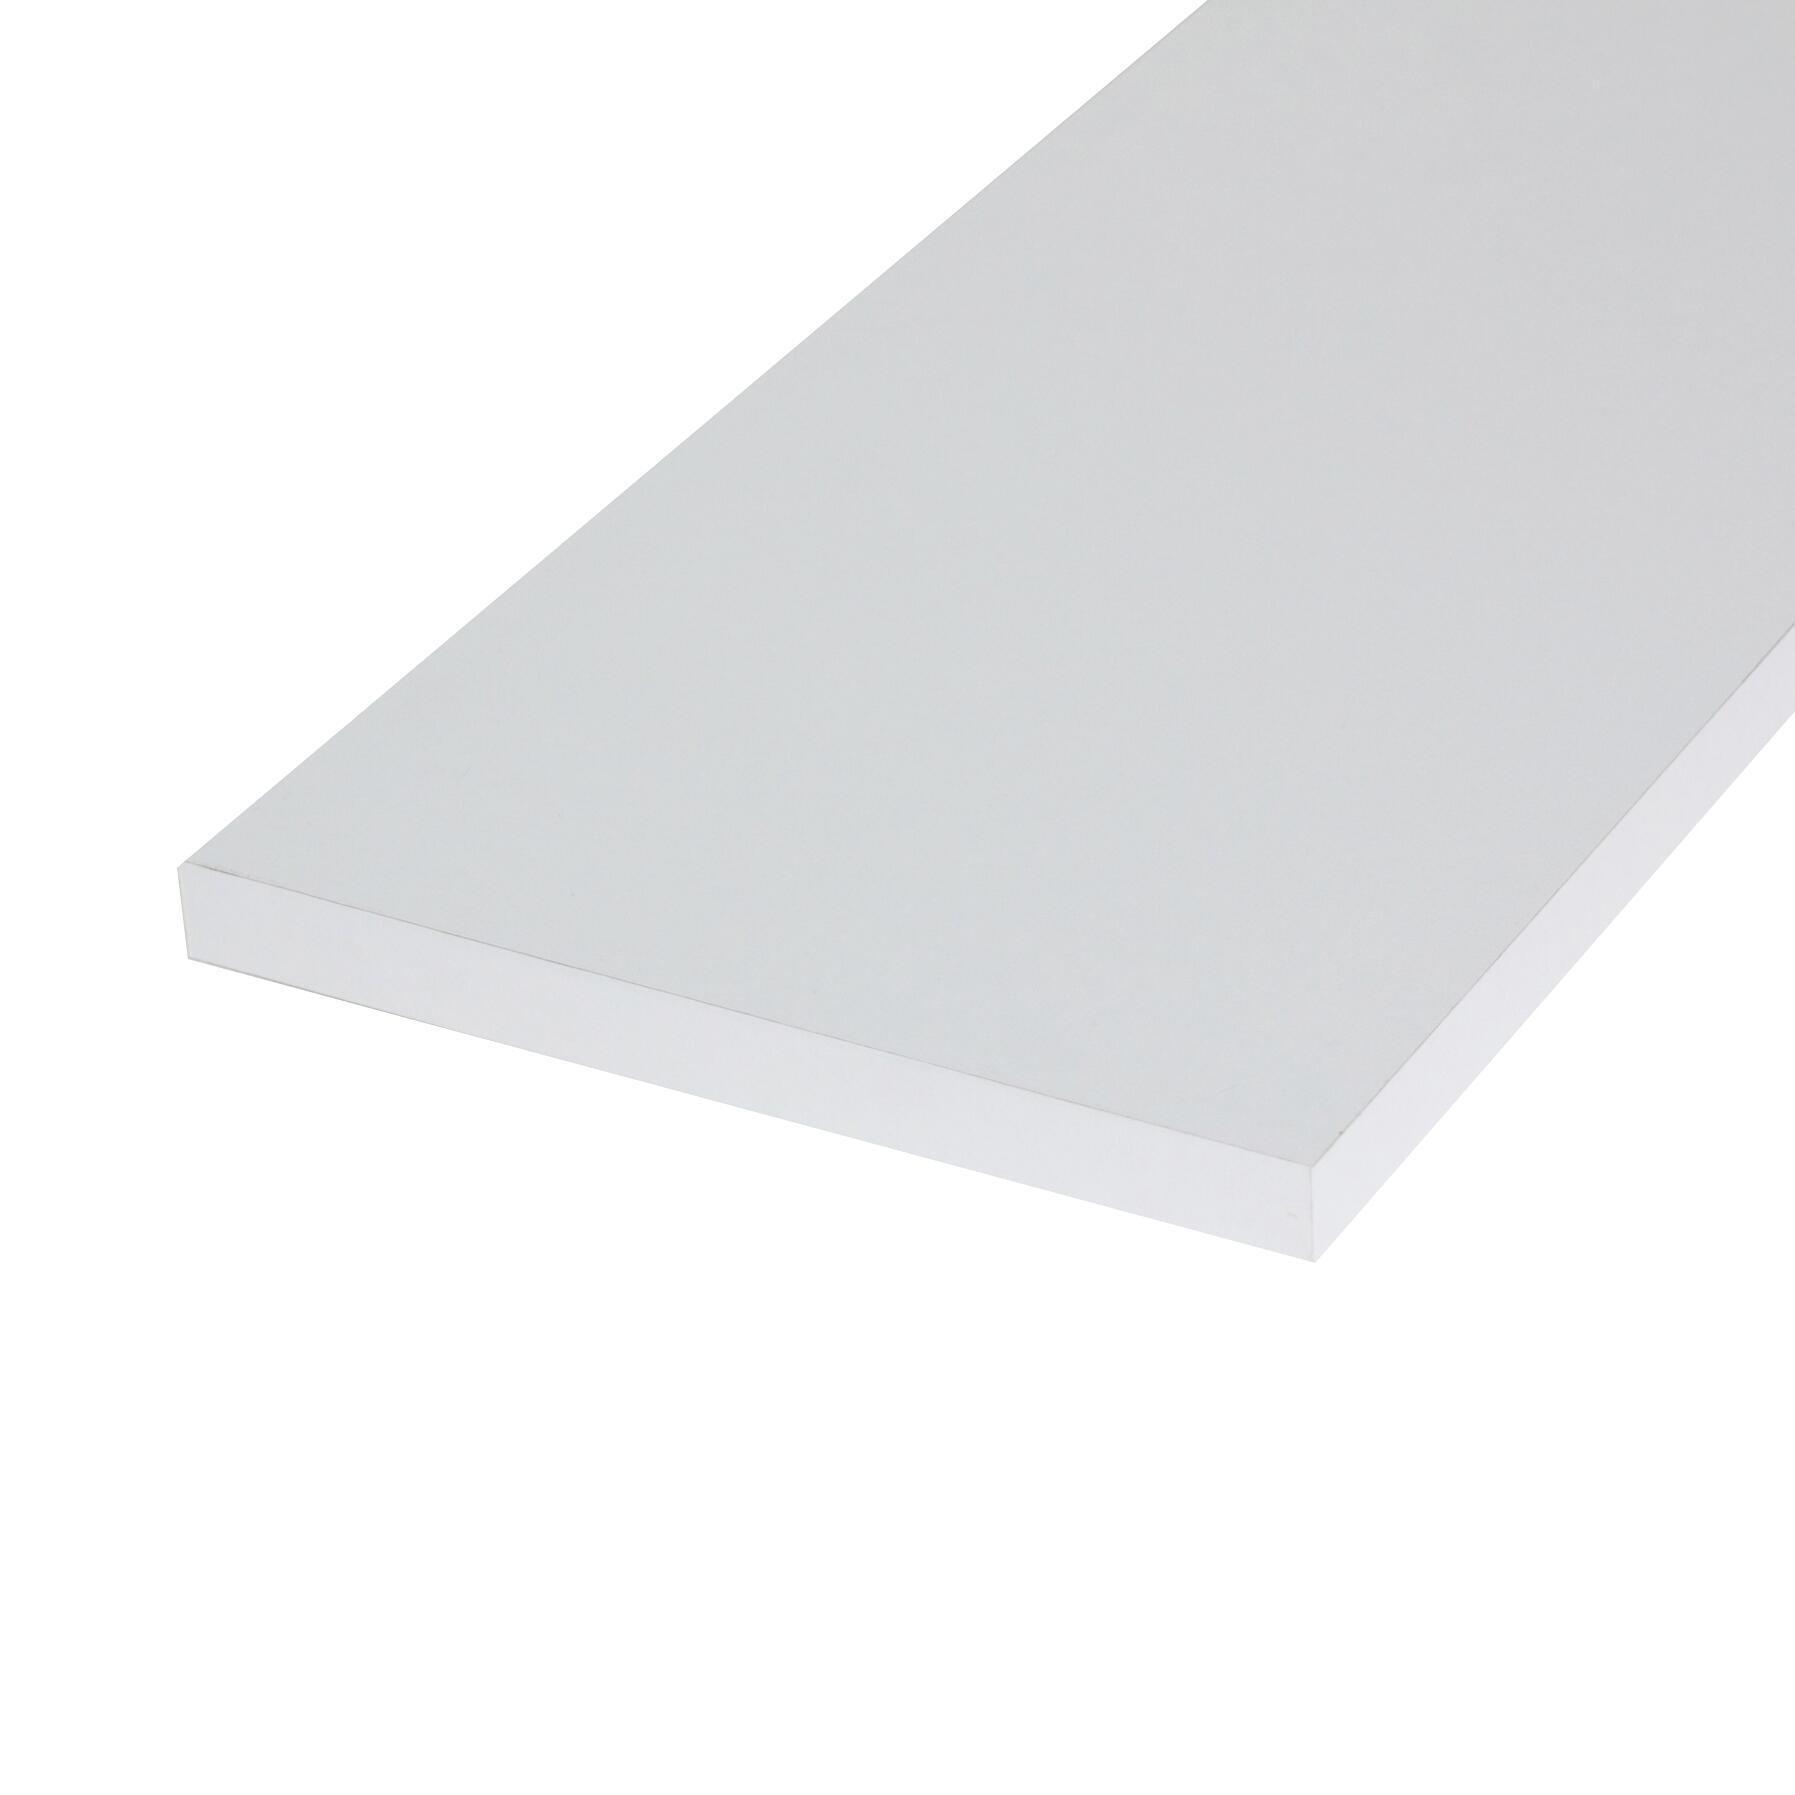 Ripiano melaminico ARTENS 120 x 20 cm Sp 18 mm bianco